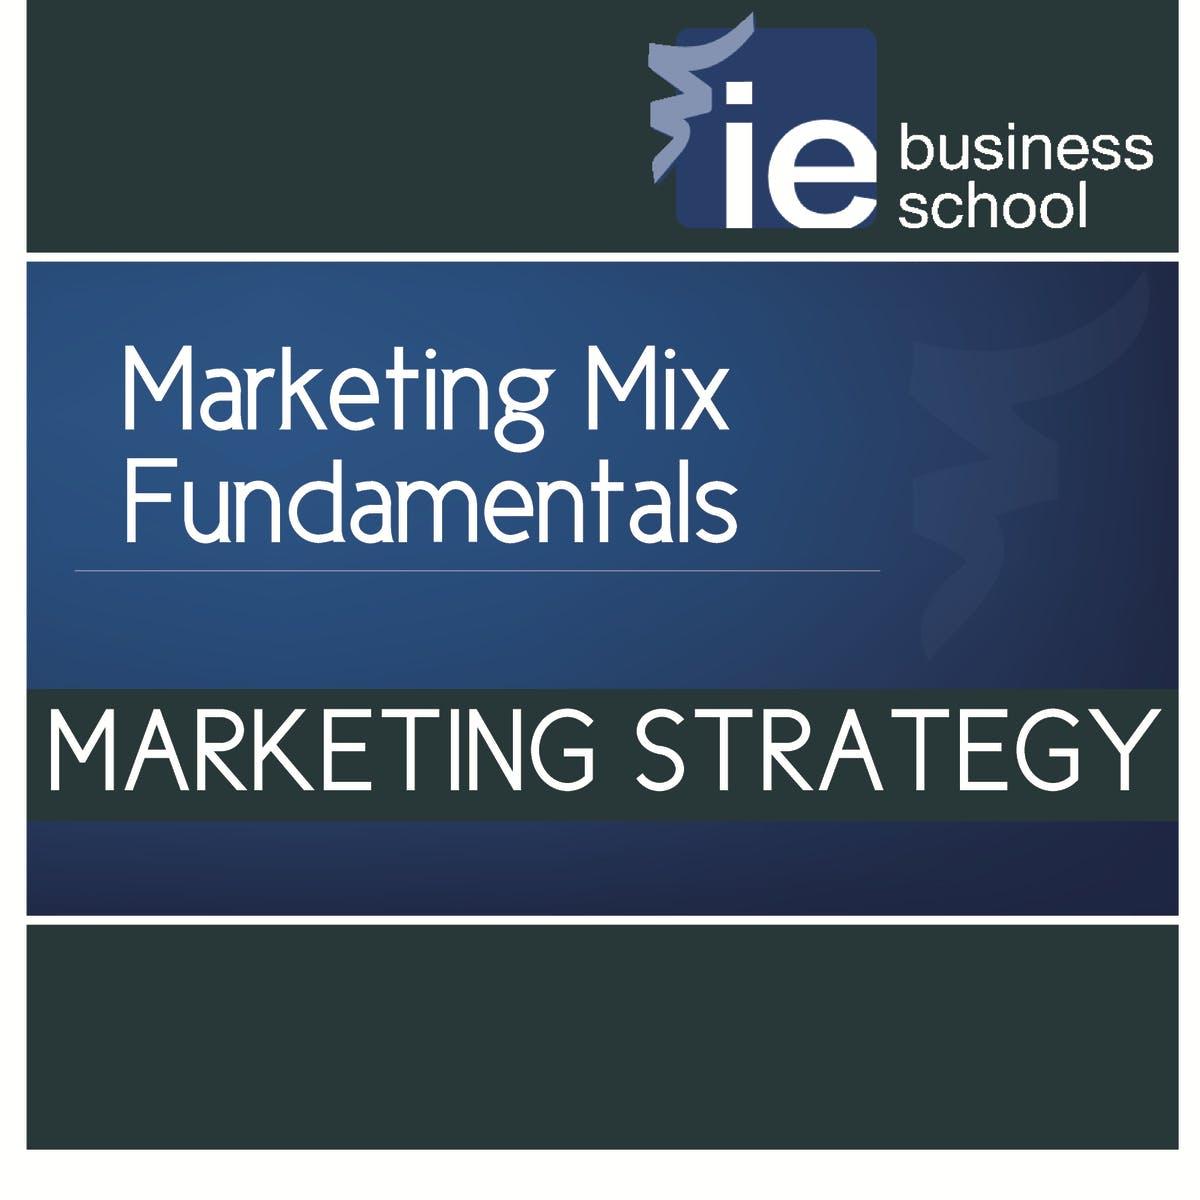 Marketing Mix Fundamentals